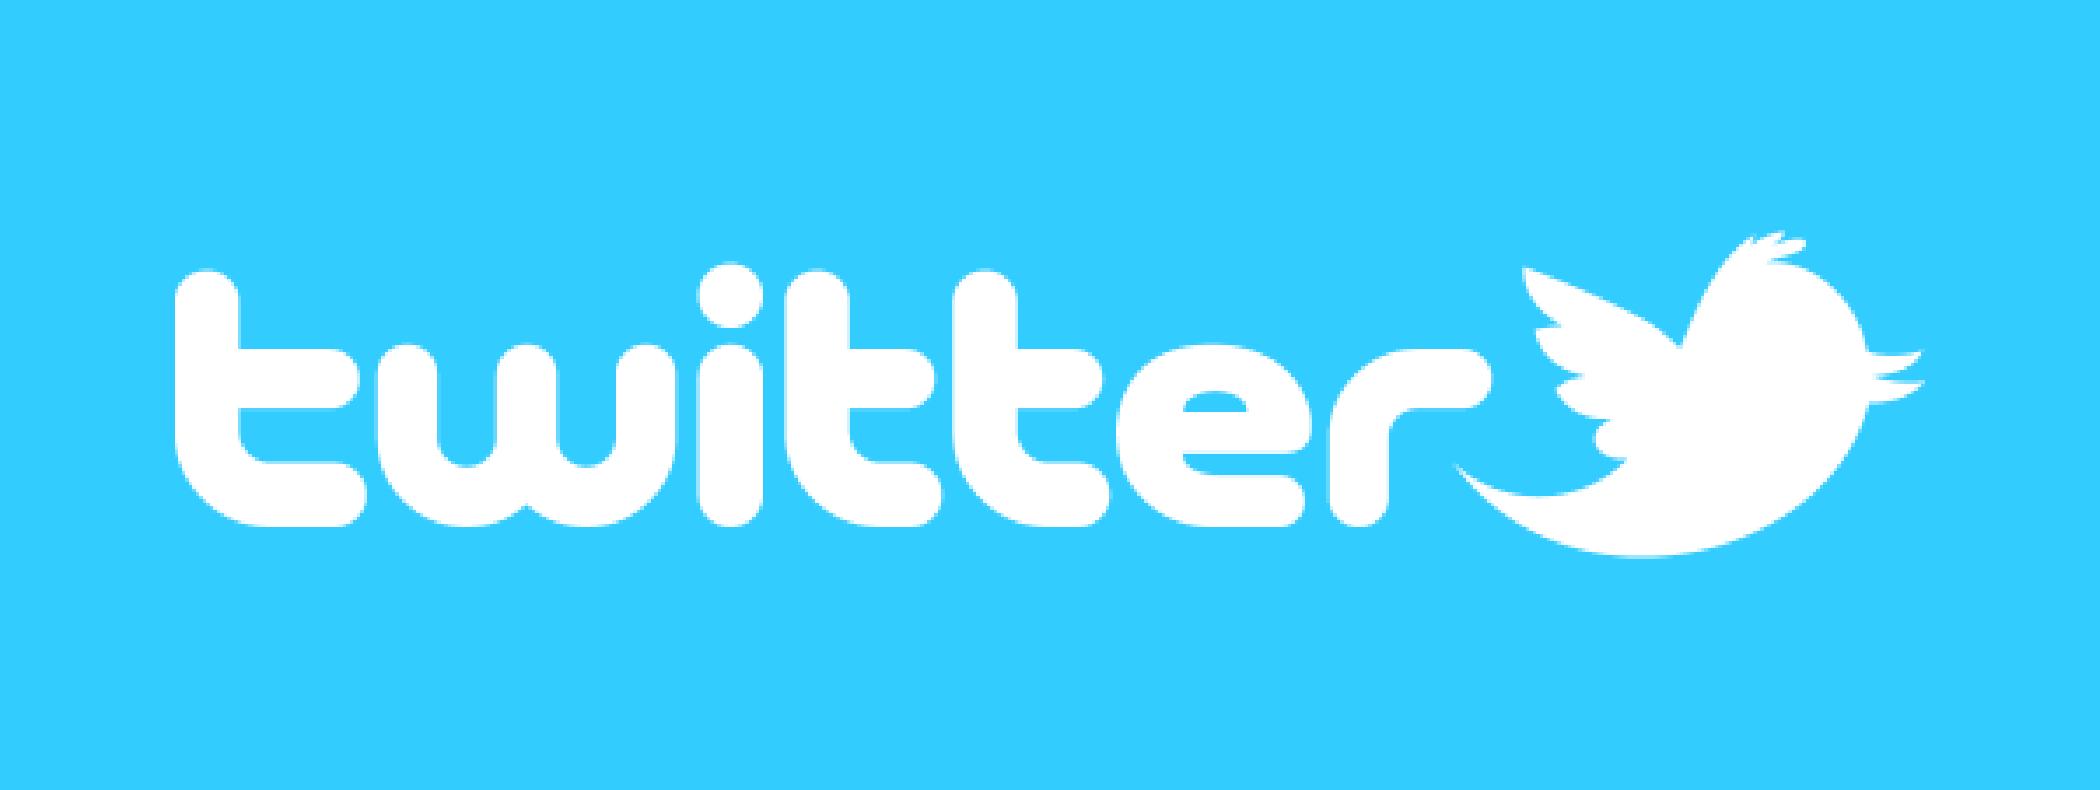 twitter logo social media guide